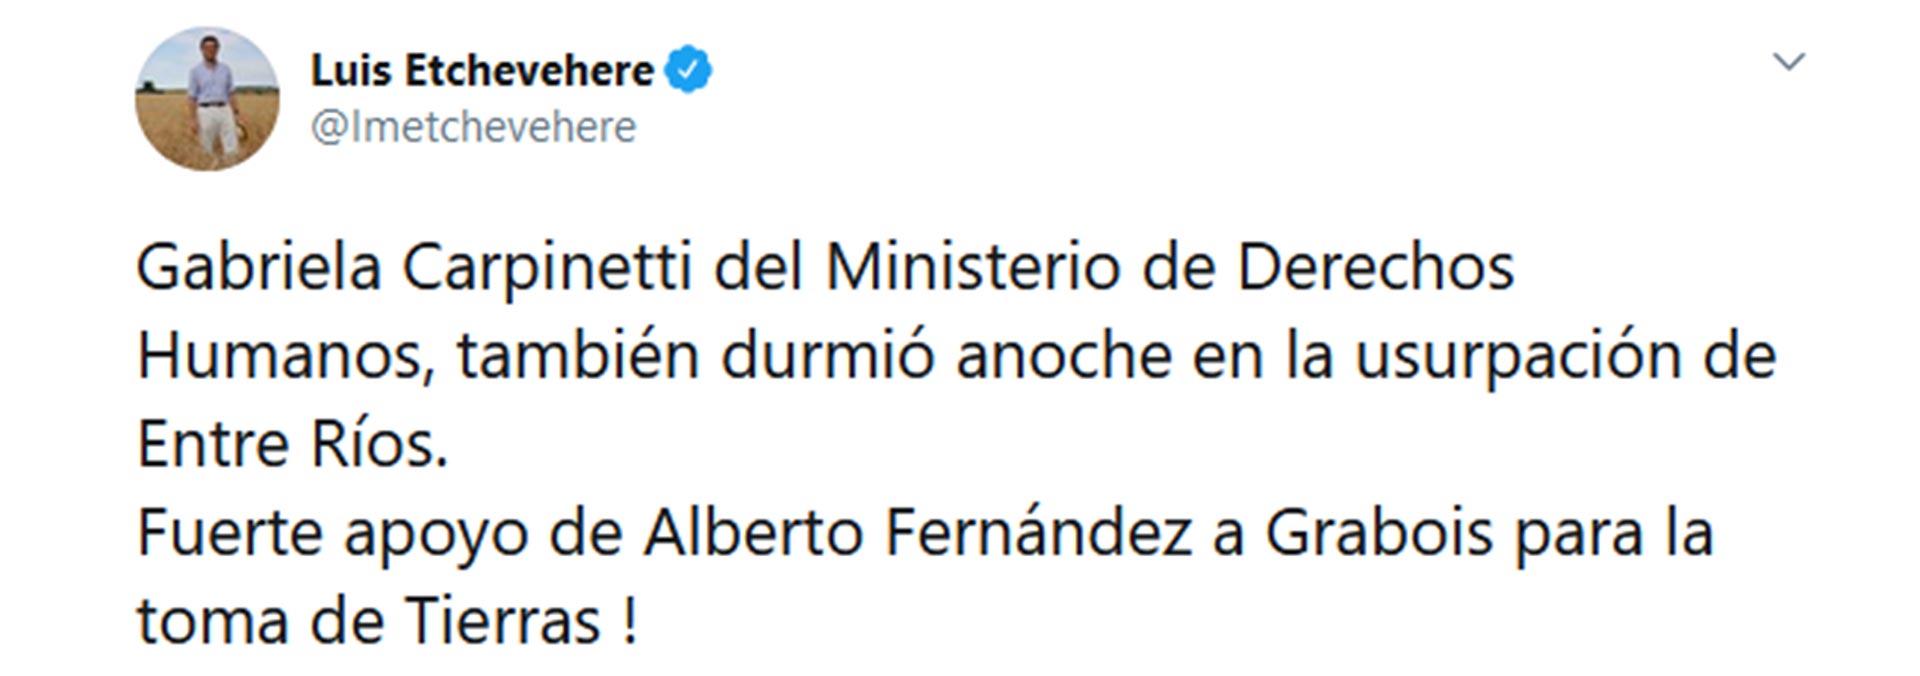 El tweet que escribió Etchevehere sobre la participación de Carpineti en la usurpación